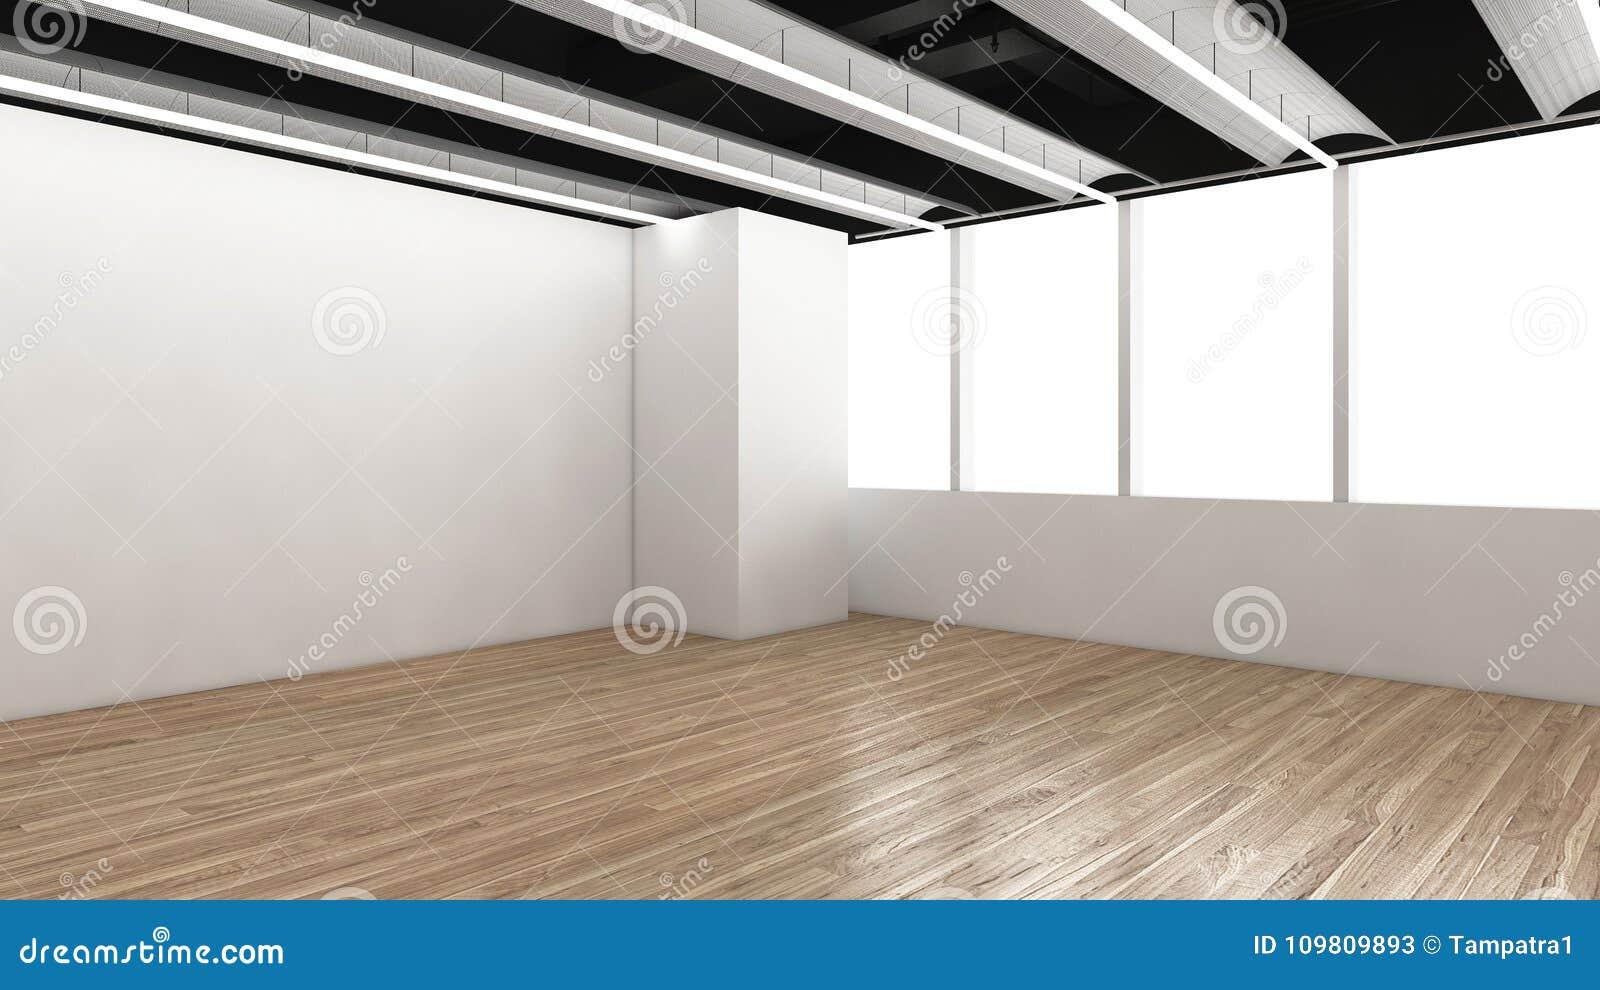 . Modern Empty Room  3D Render Interior Design  Mock Up Illustration